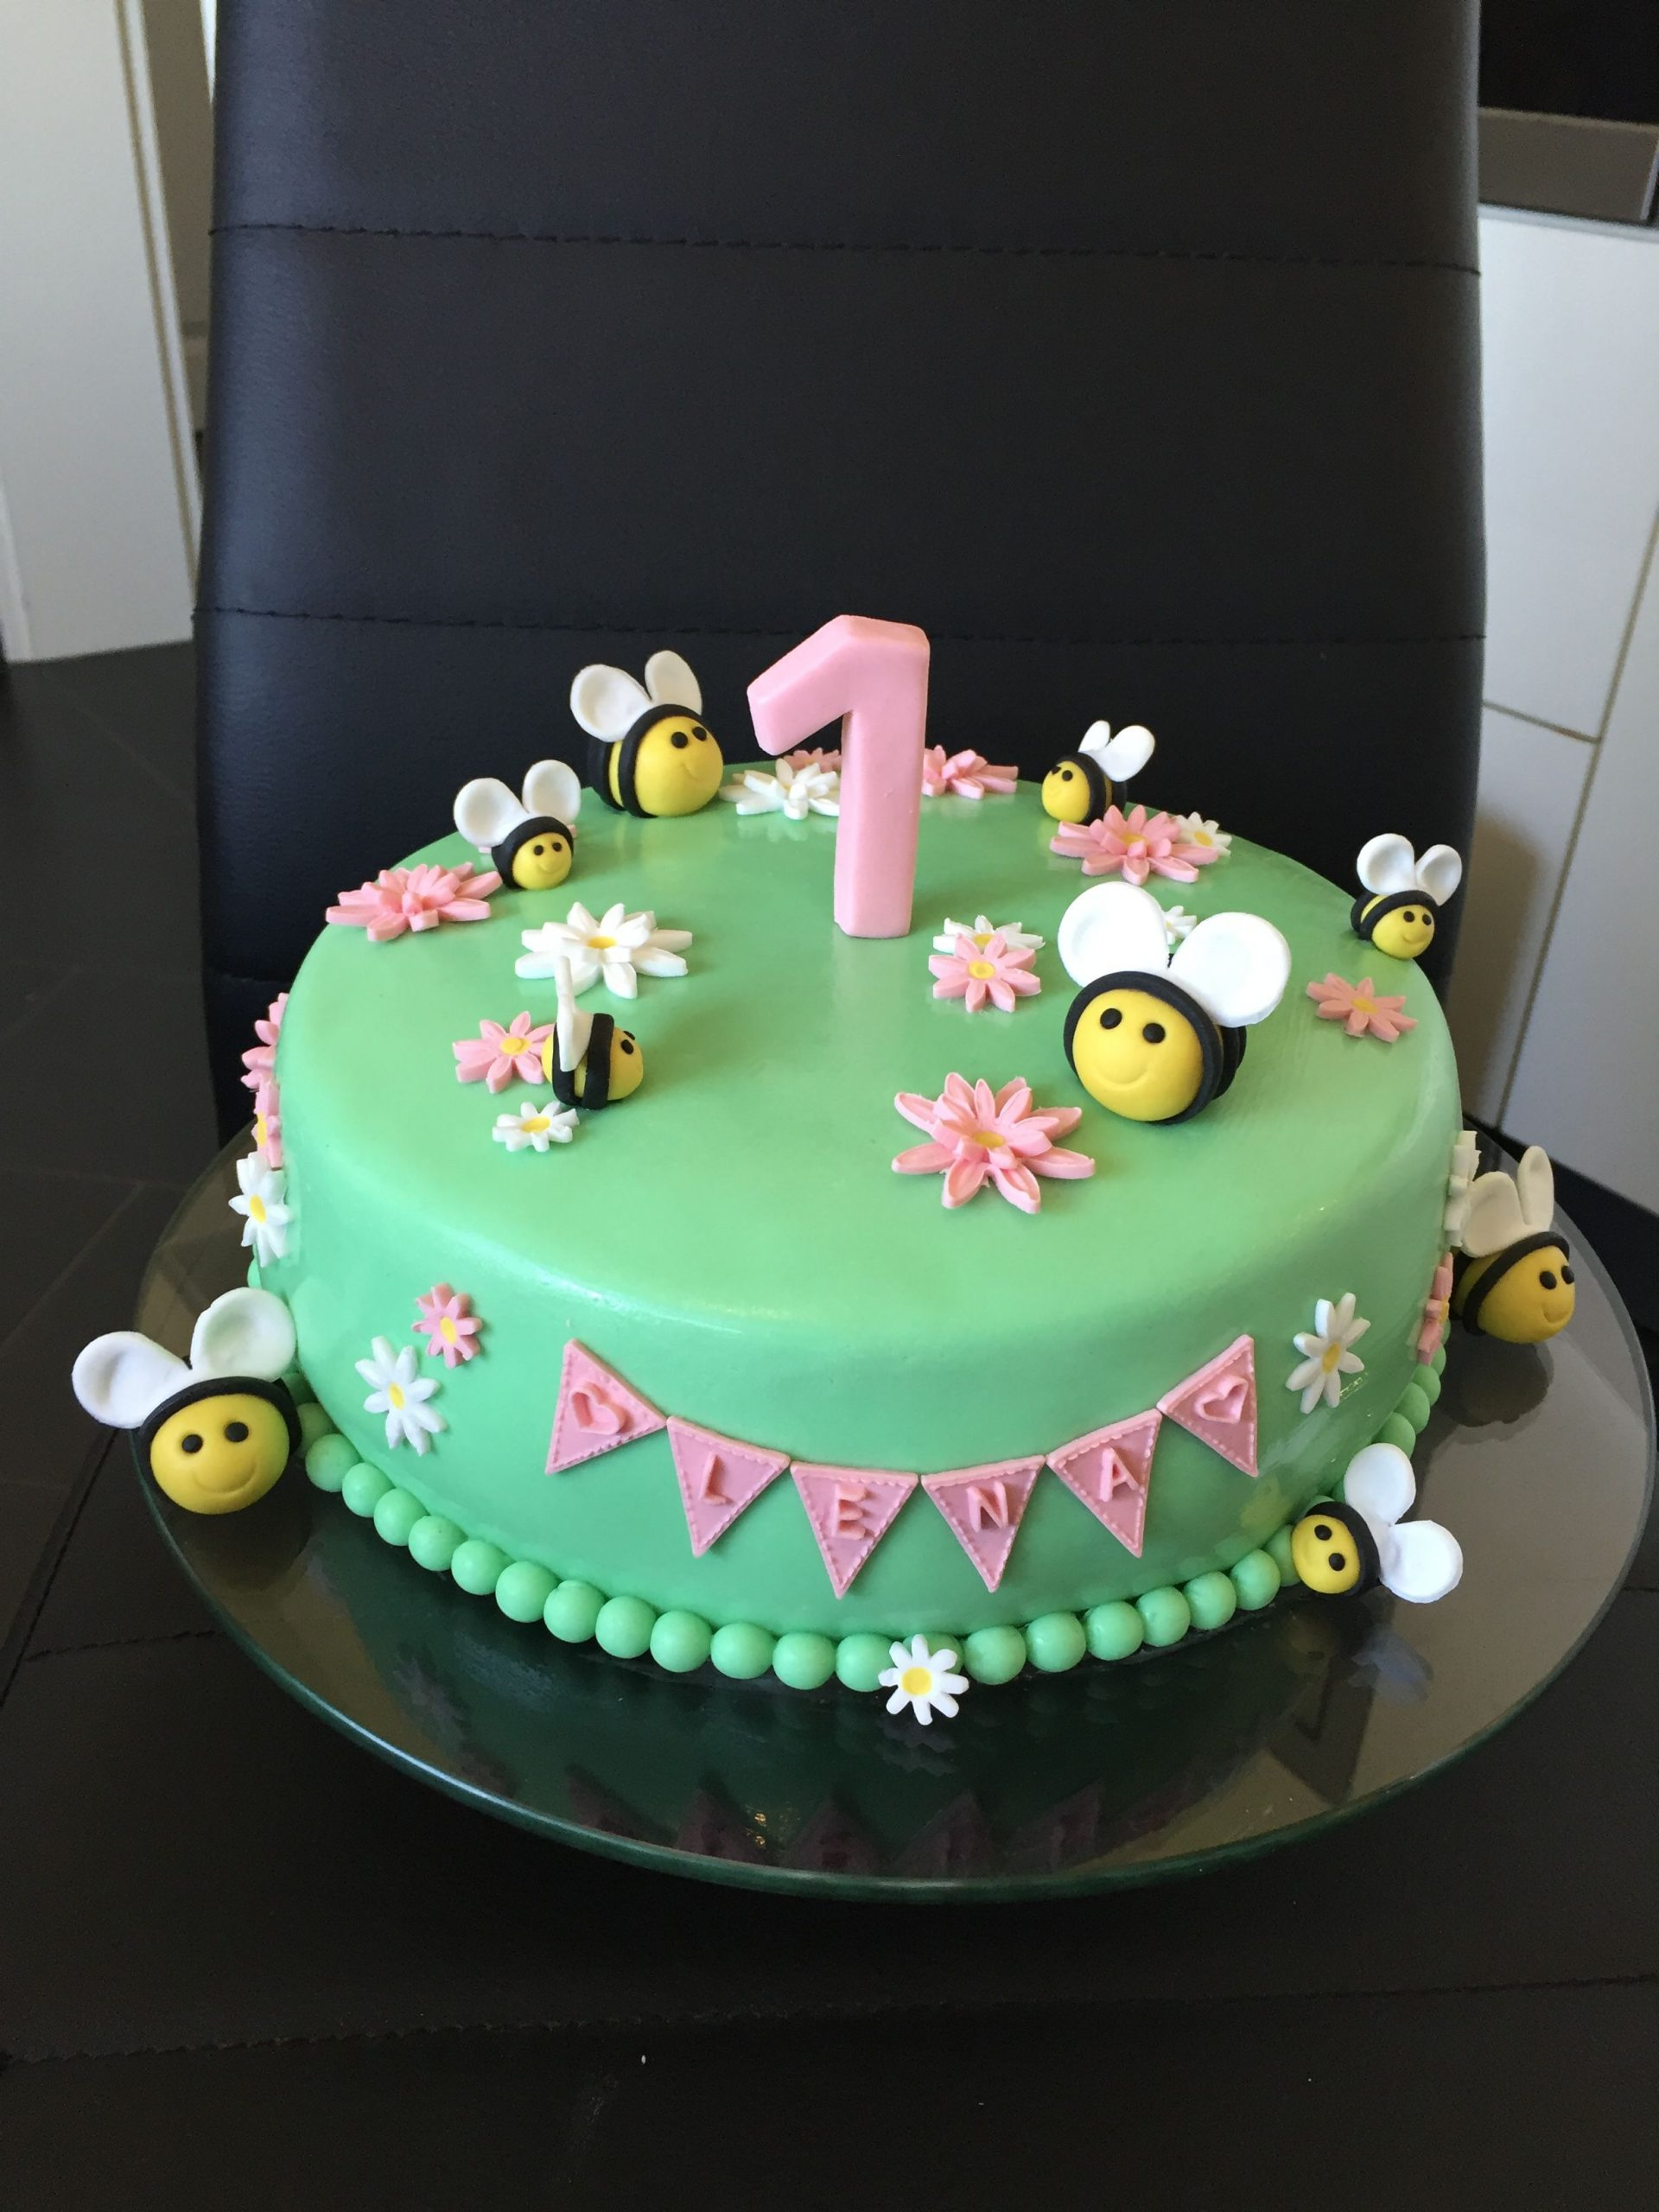 Torte 1 Jahr   Geburtstag Kuchen Mädchen, Kuchen ganzes Geburtstagskuchen Für 1 Jahr